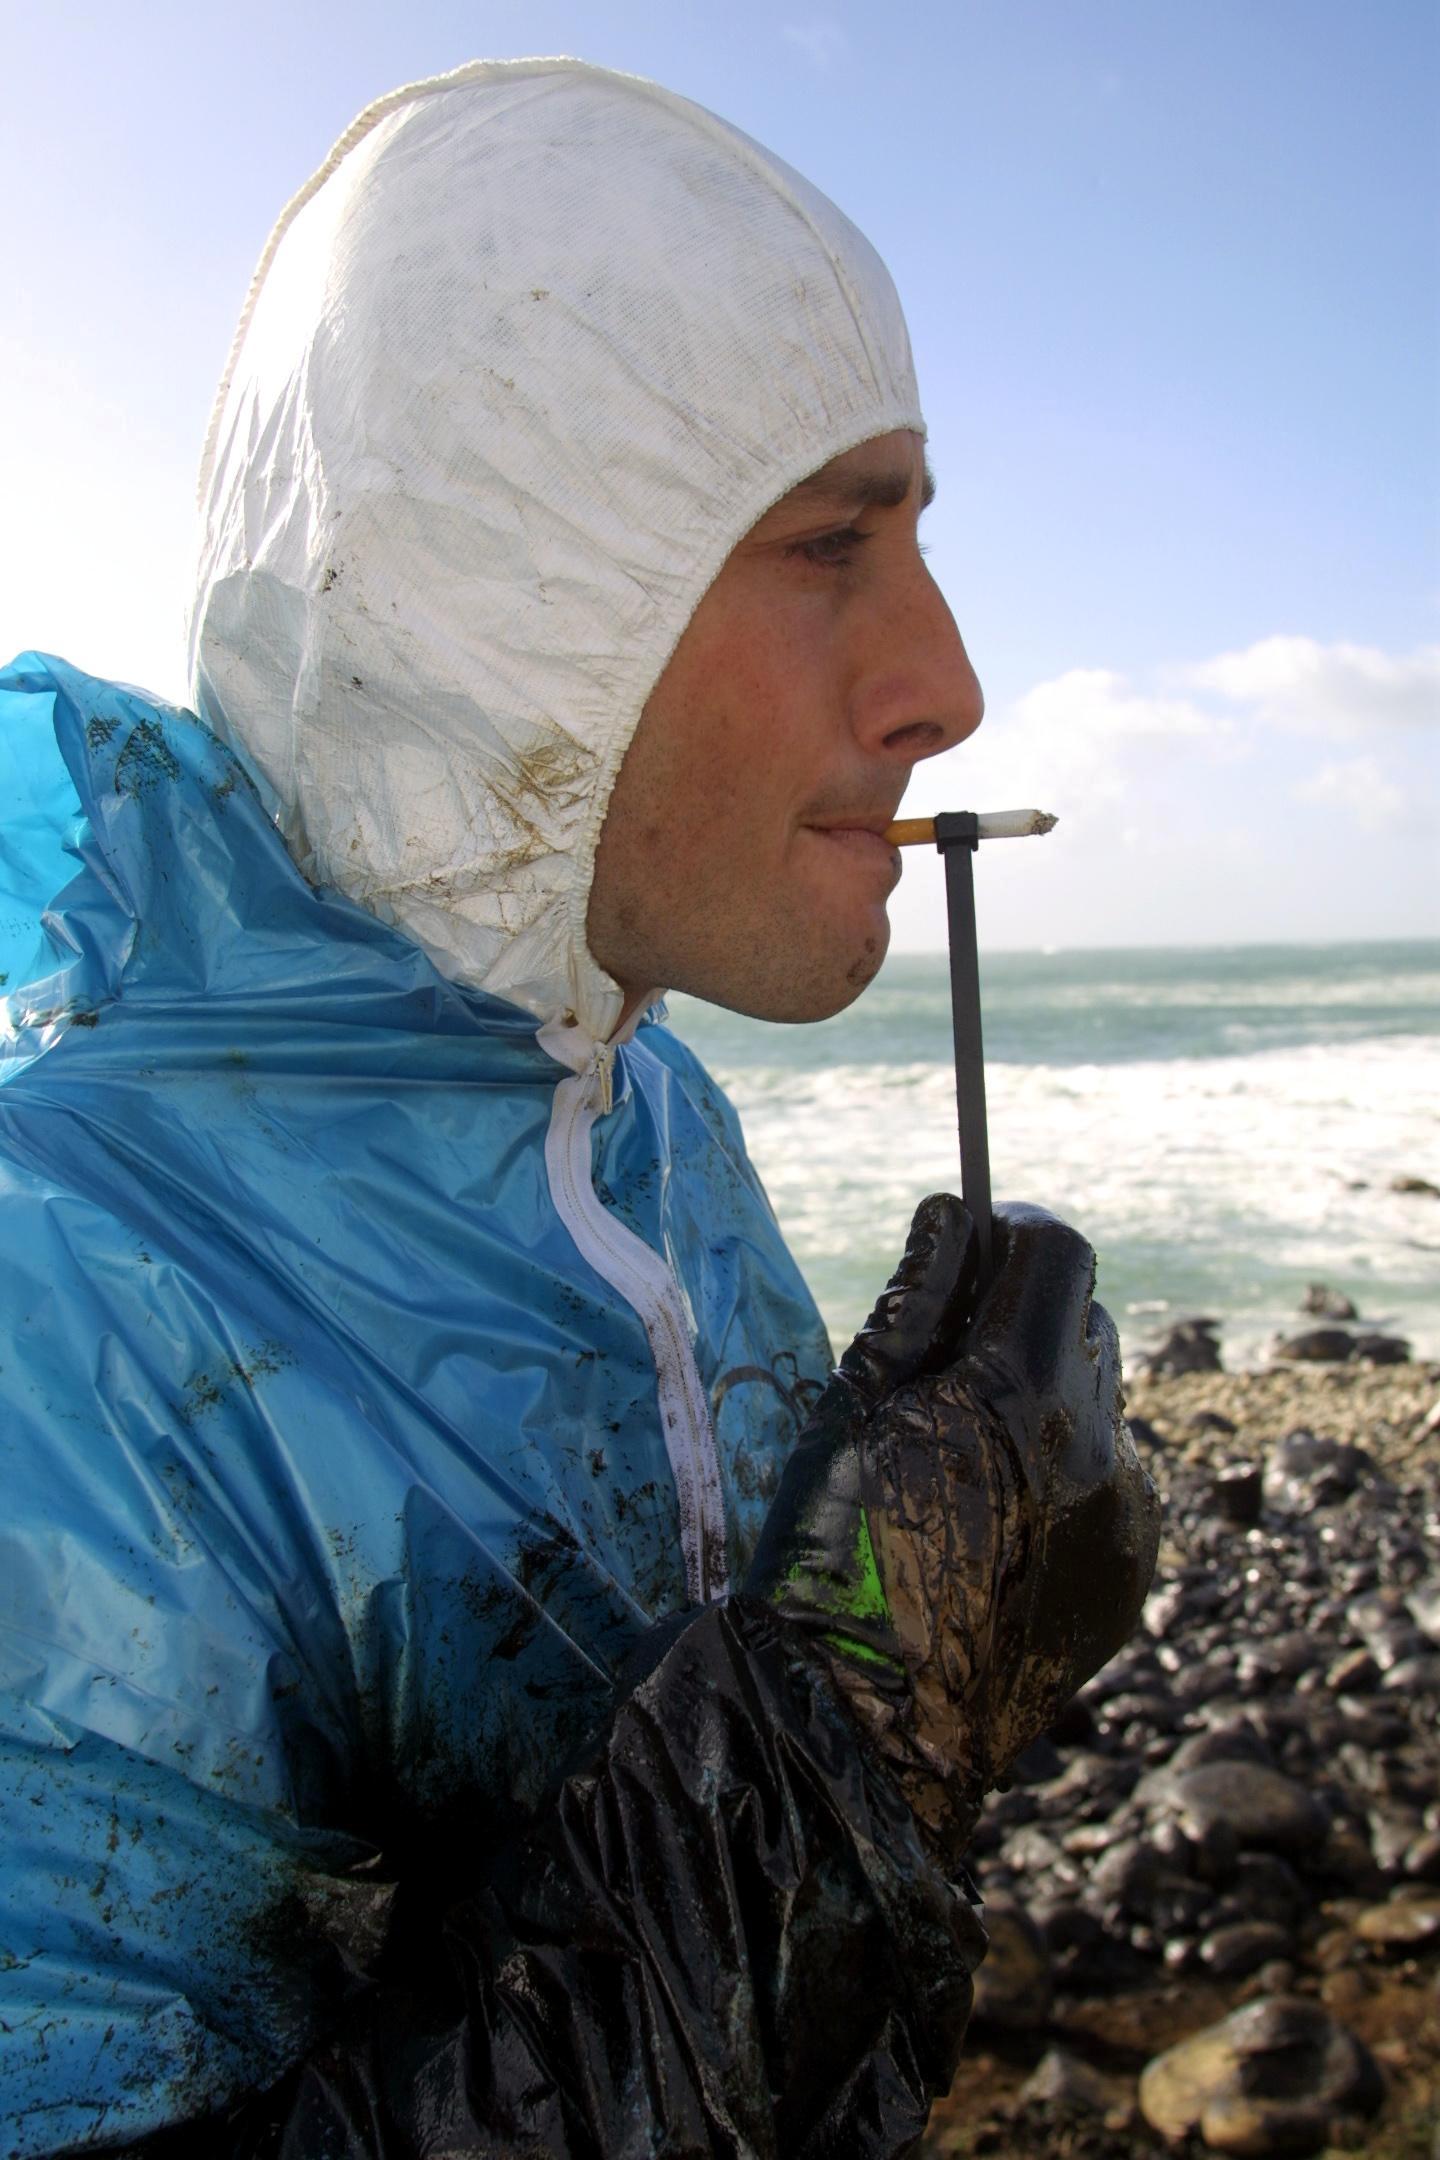 Ingenio para poder fumar con las manos llenas de fuel.<br><b>José Manuel Casal</b>